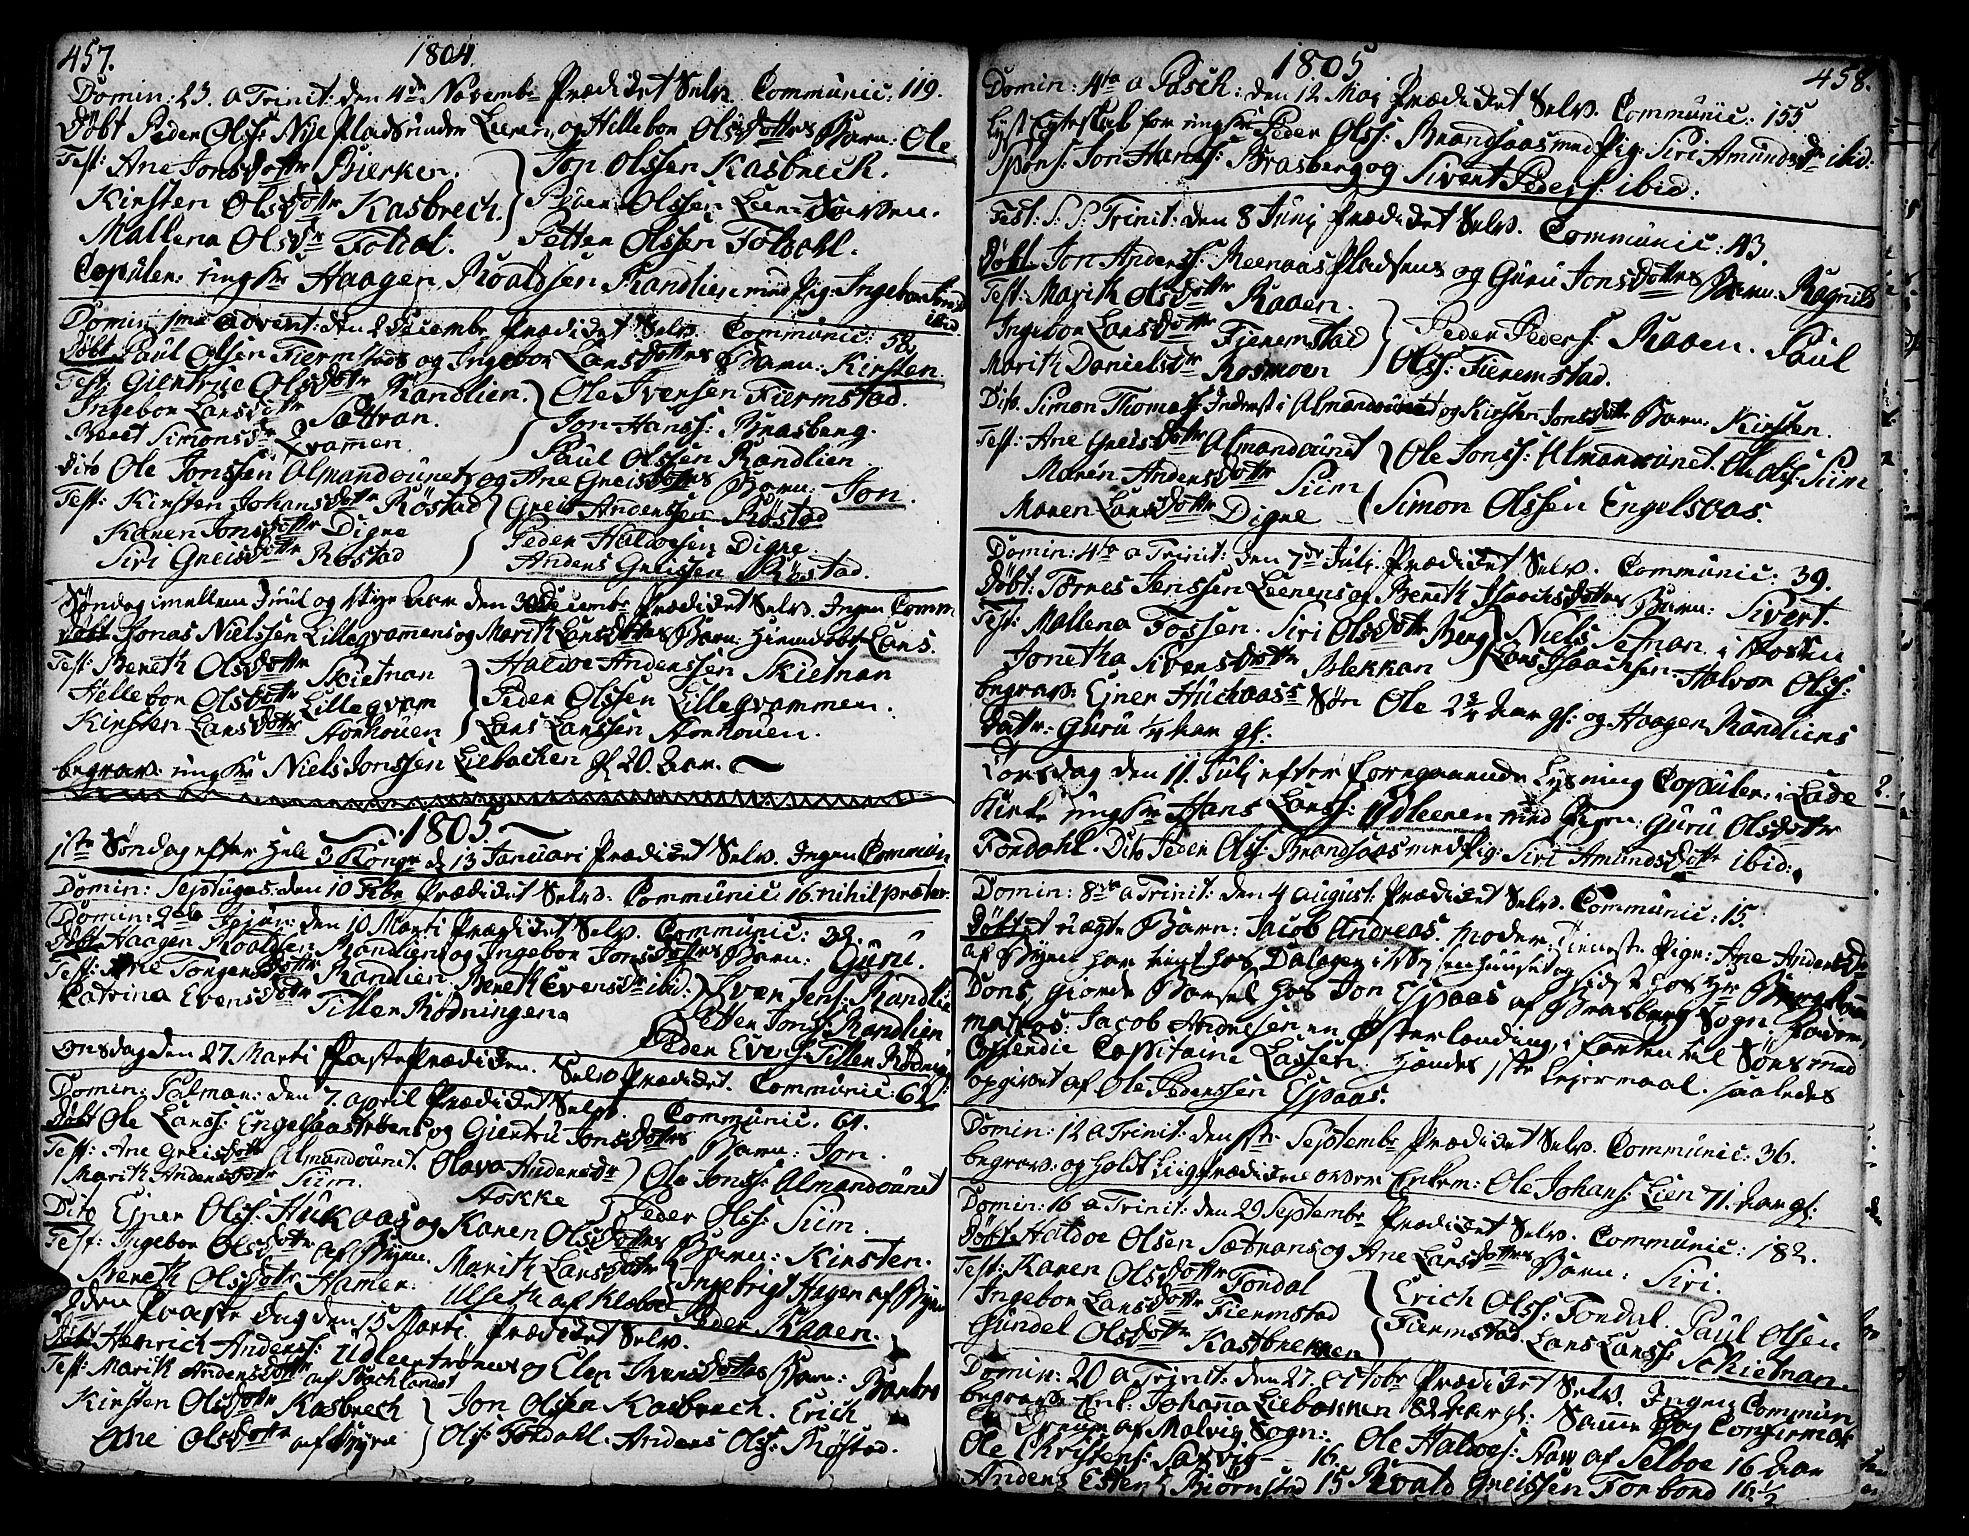 SAT, Ministerialprotokoller, klokkerbøker og fødselsregistre - Sør-Trøndelag, 606/L0282: Ministerialbok nr. 606A02 /3, 1781-1817, s. 457-458